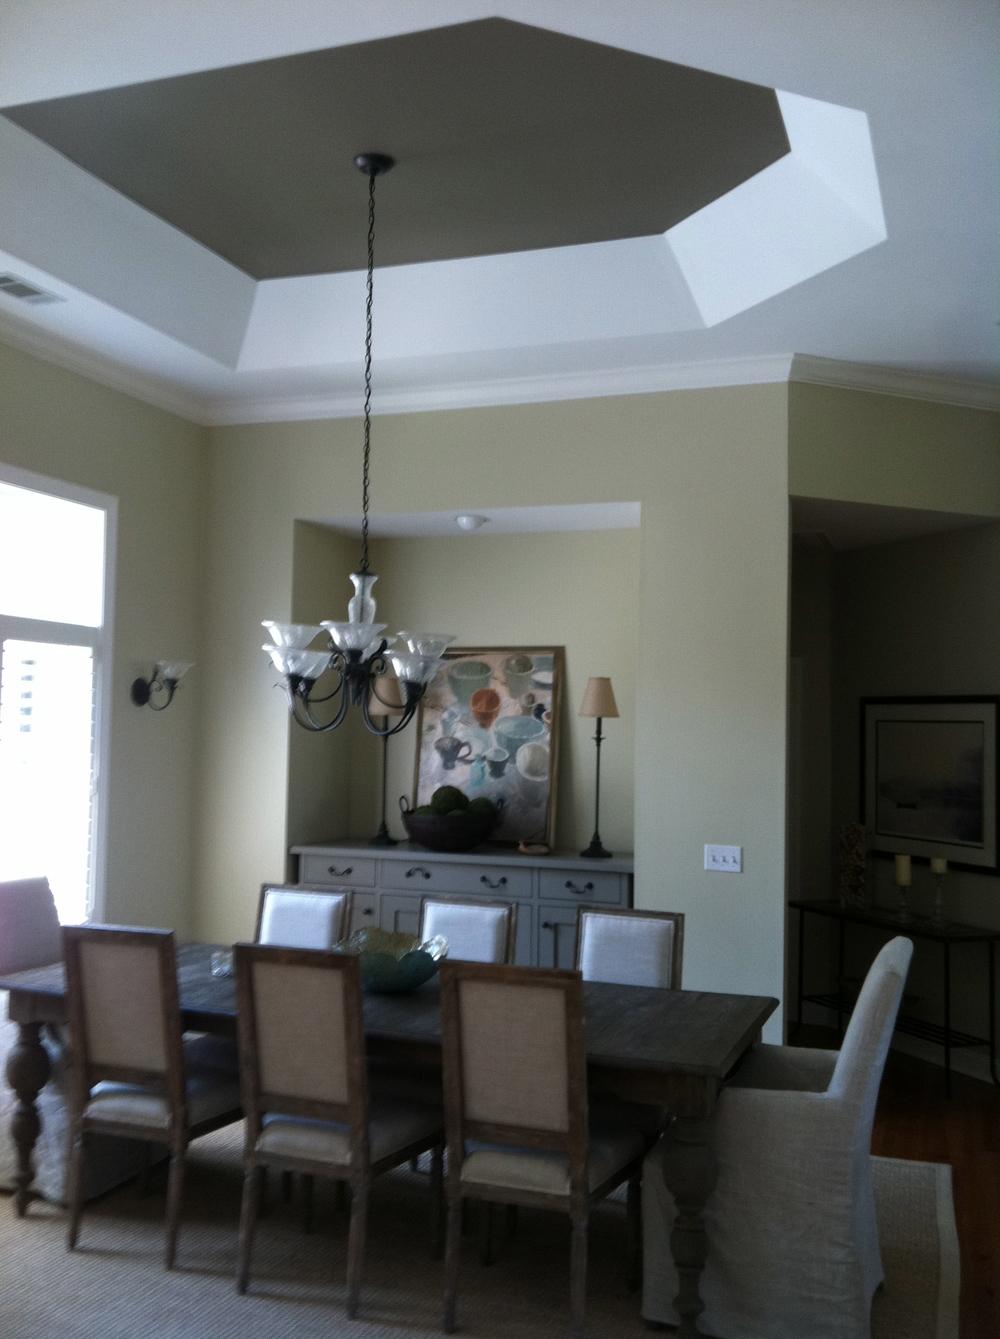 Loudenslagel Dining Room